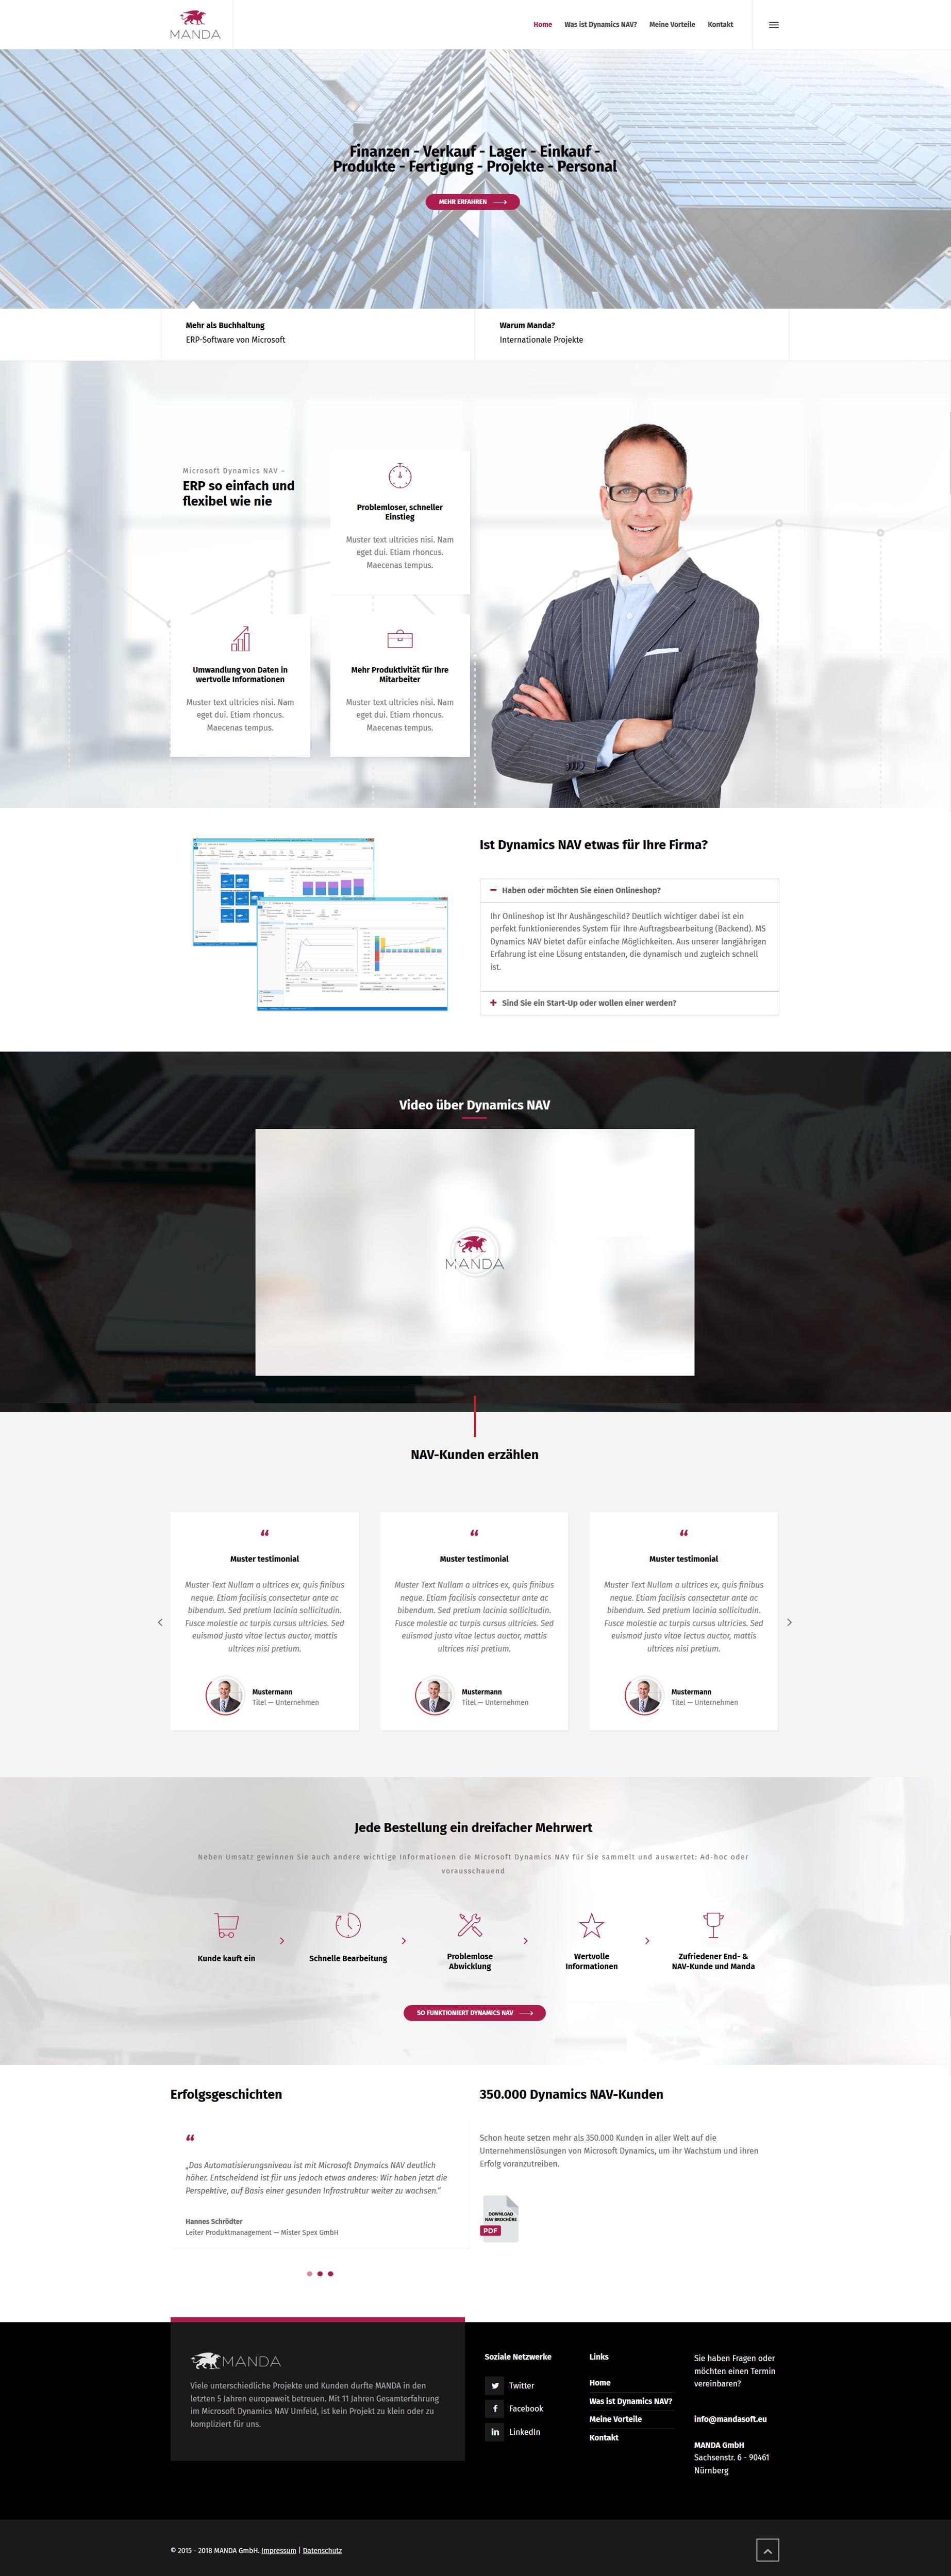 Webdesign für Vertrieb und Verkauf von Microsoft Produkten im Firmenbereich